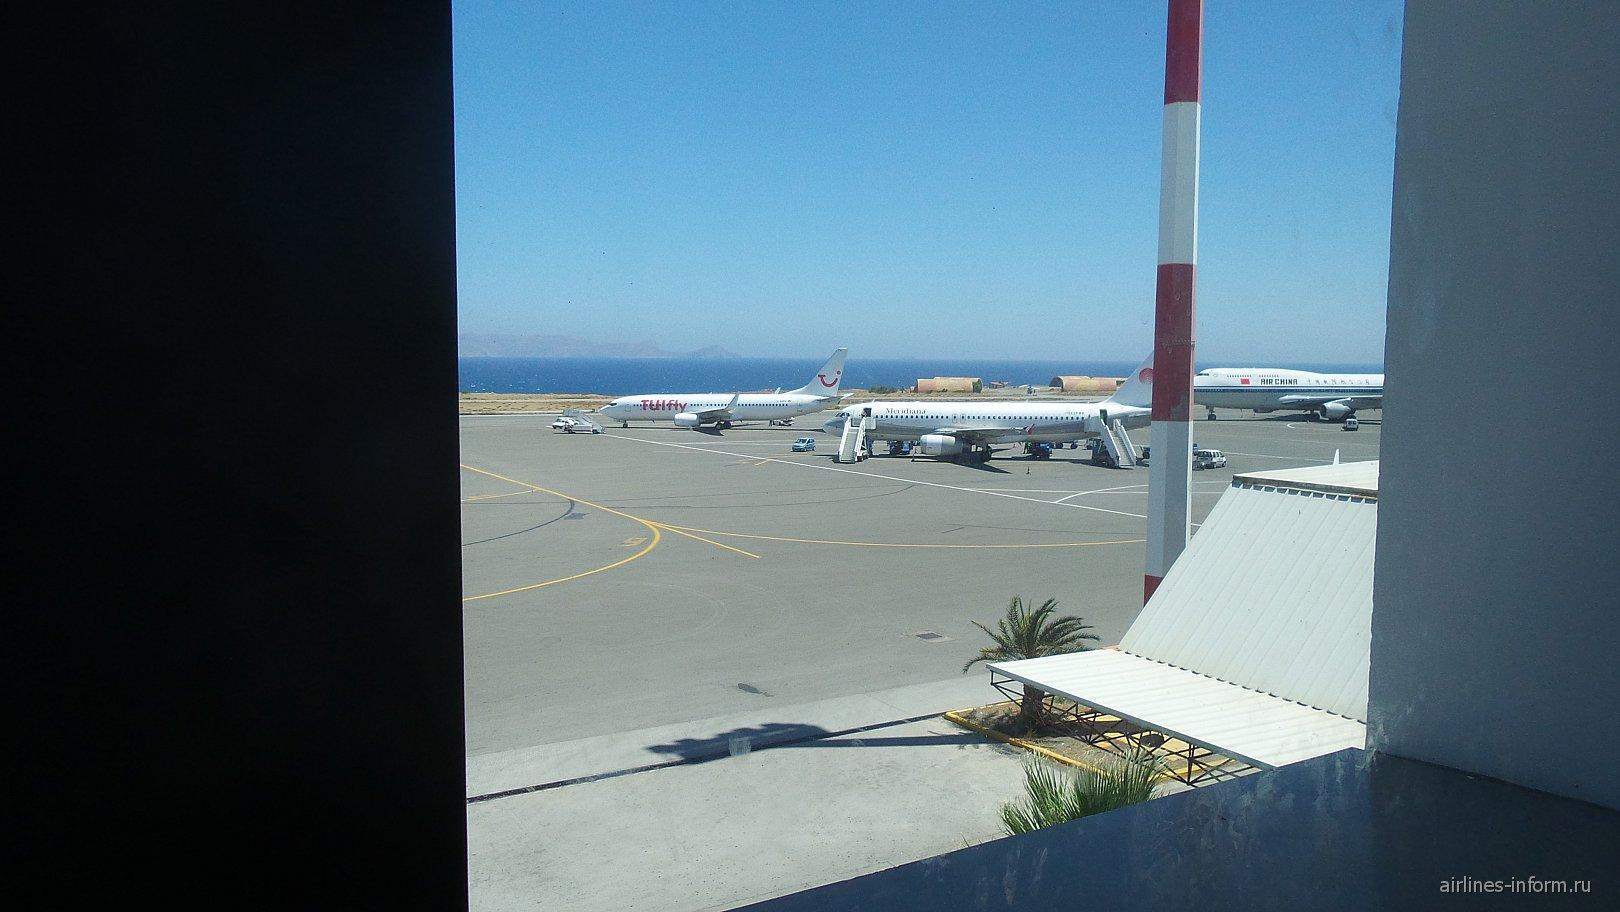 А теперь небольший споттинг.Самолеты в Ираклионе,в частности Джамбик.Что-то редко я вижу его в последнее время.